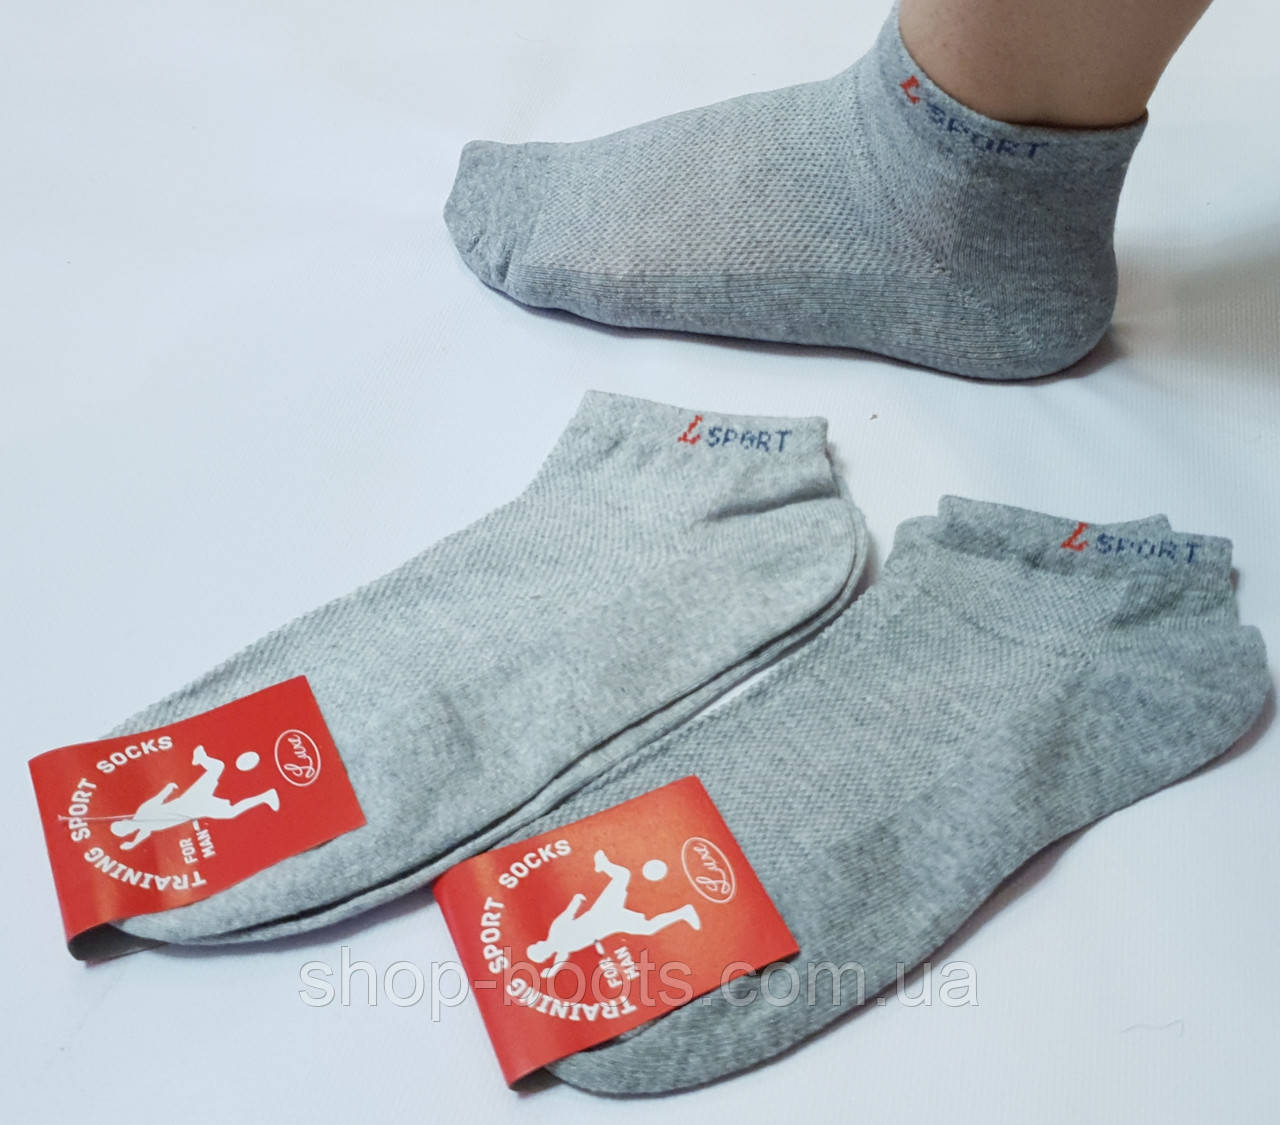 Чоловічі шкарпетки оптом. Модель чоловічі шкарпетки 14